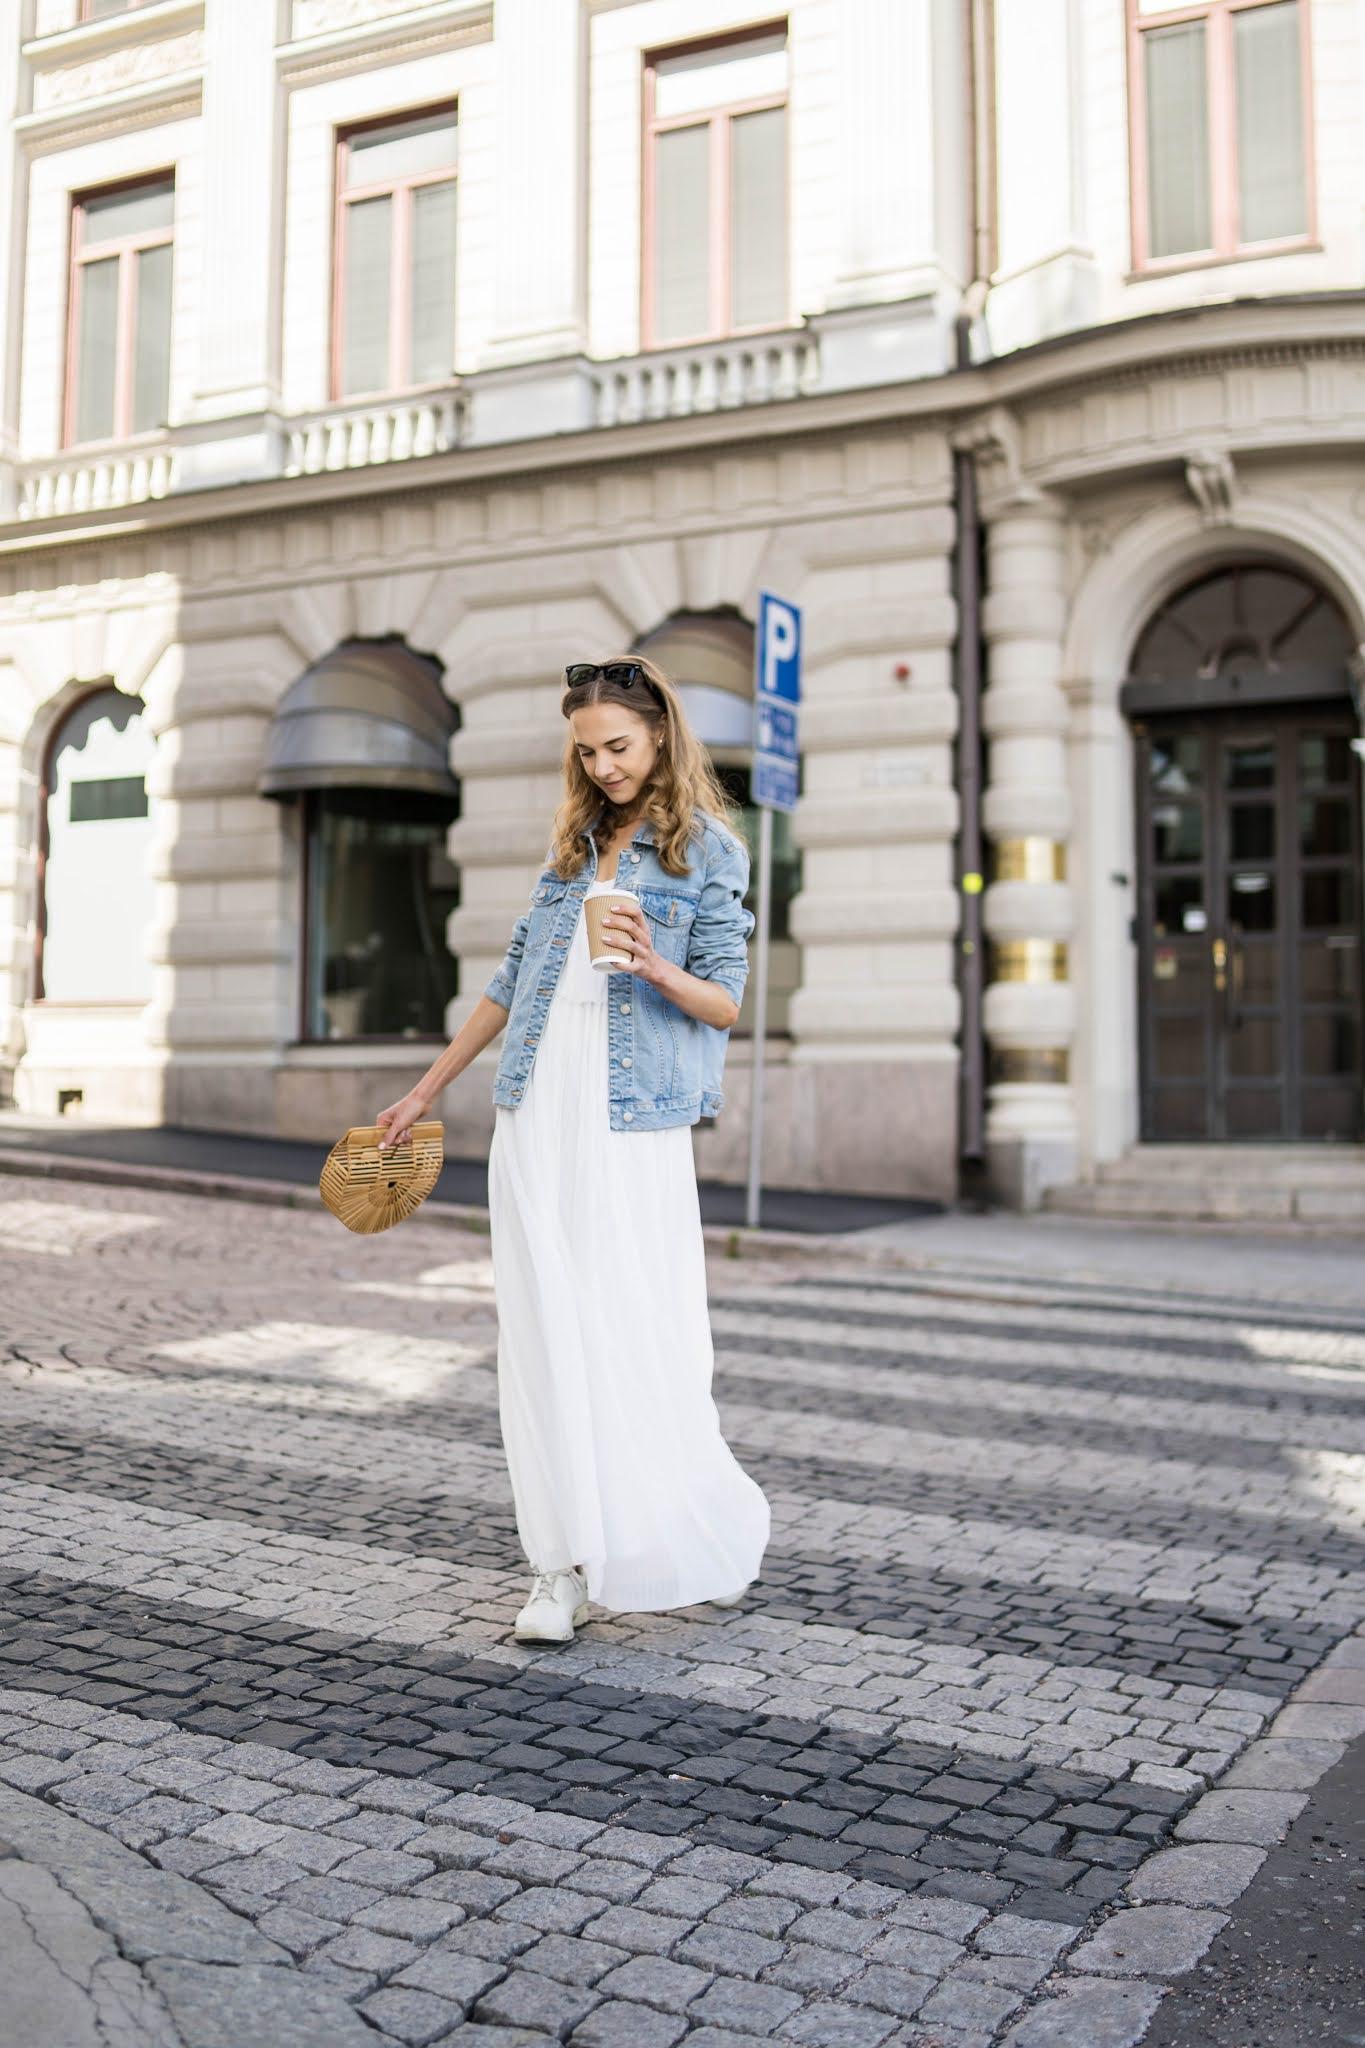 Kesämuoti: valkoinen maksimekko ja farkkutakki // Summer fashion: white maxi dress and denim jacket